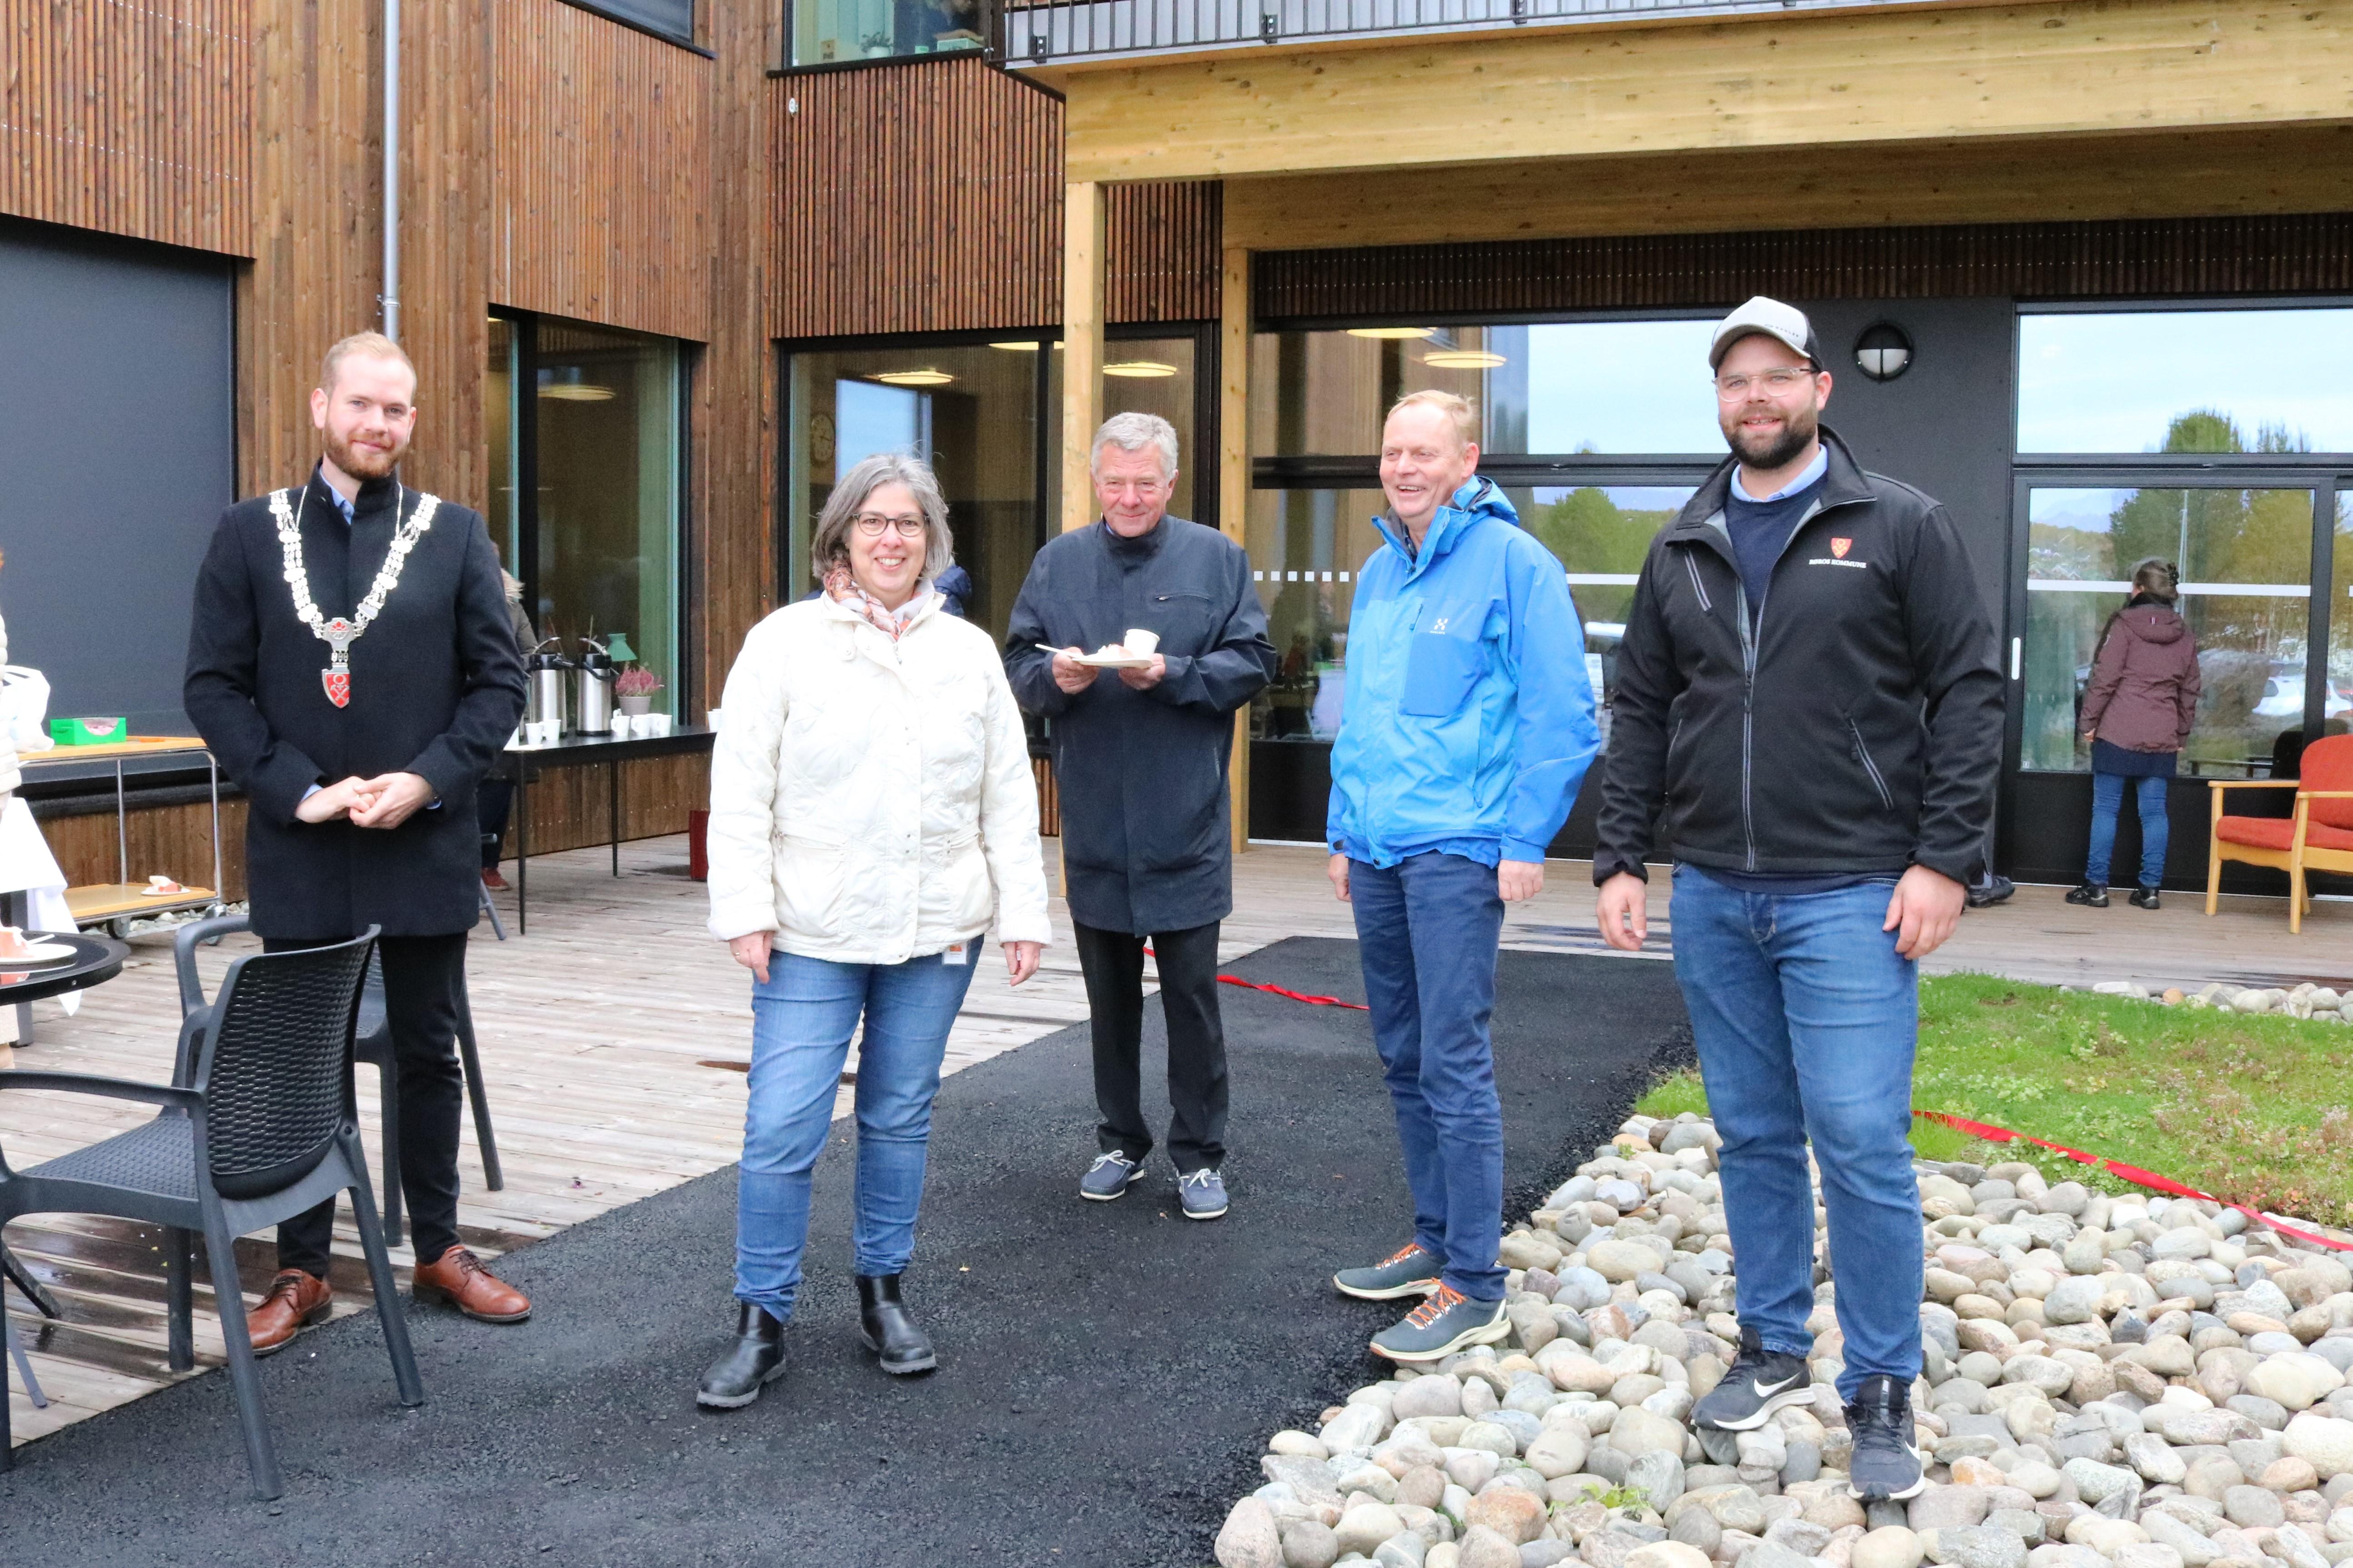 Bilde av Ordfører Busch, Gonda Brouwer, tidligere ordfører Hans Vintervold, Dag Øyen og Mads Tamnes, står fra venstre til høyre, i bakgrunnen ser du Øverhagaen bo-, helse- og velferdssenter.